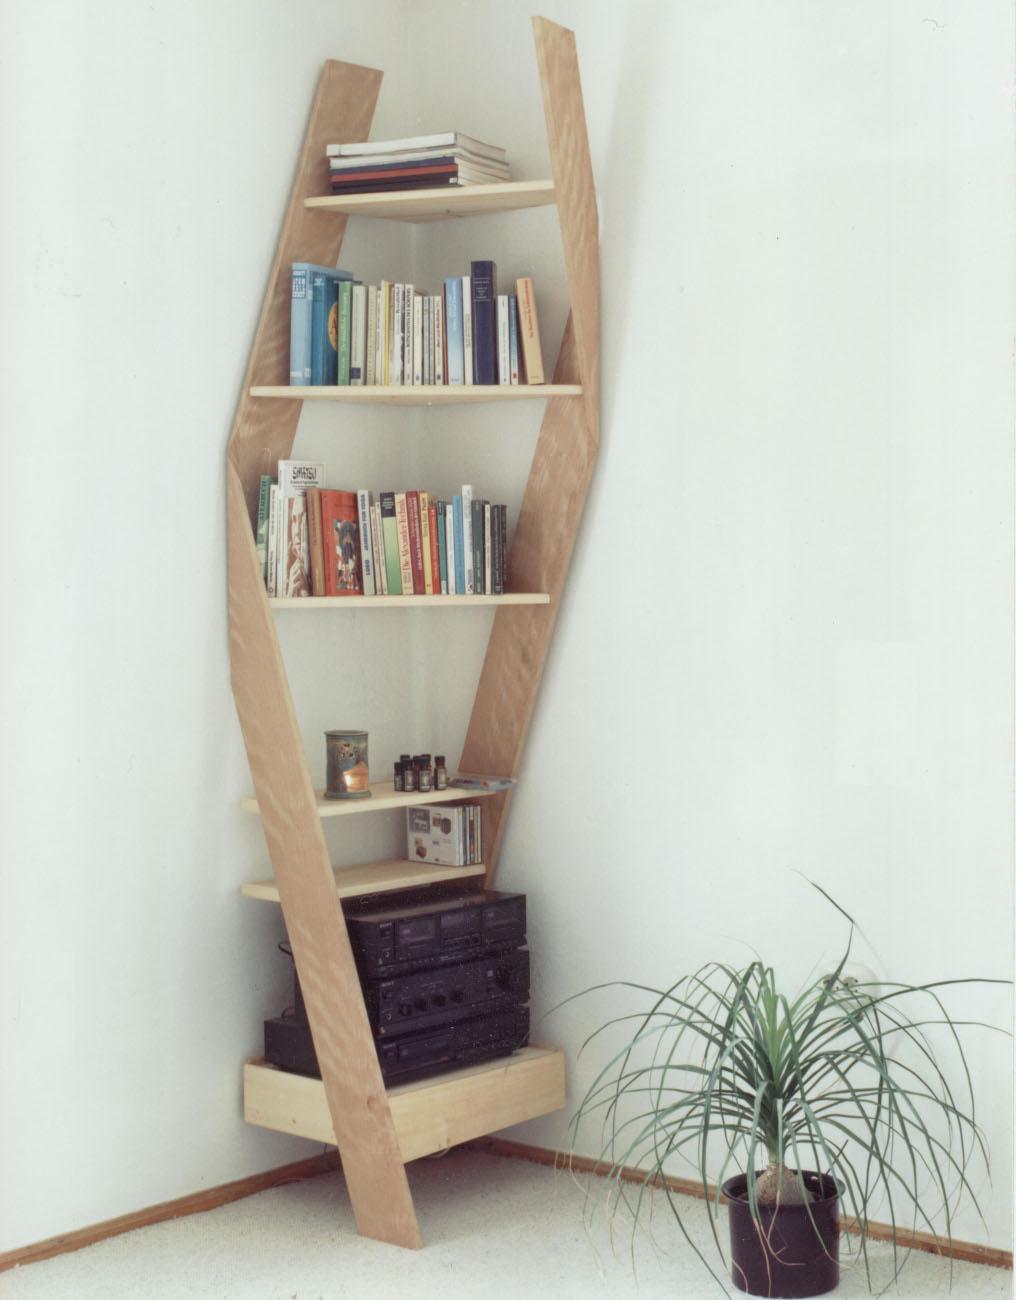 Eckregal für Stereoanlage aus Holz mit Büchern und Pflanze